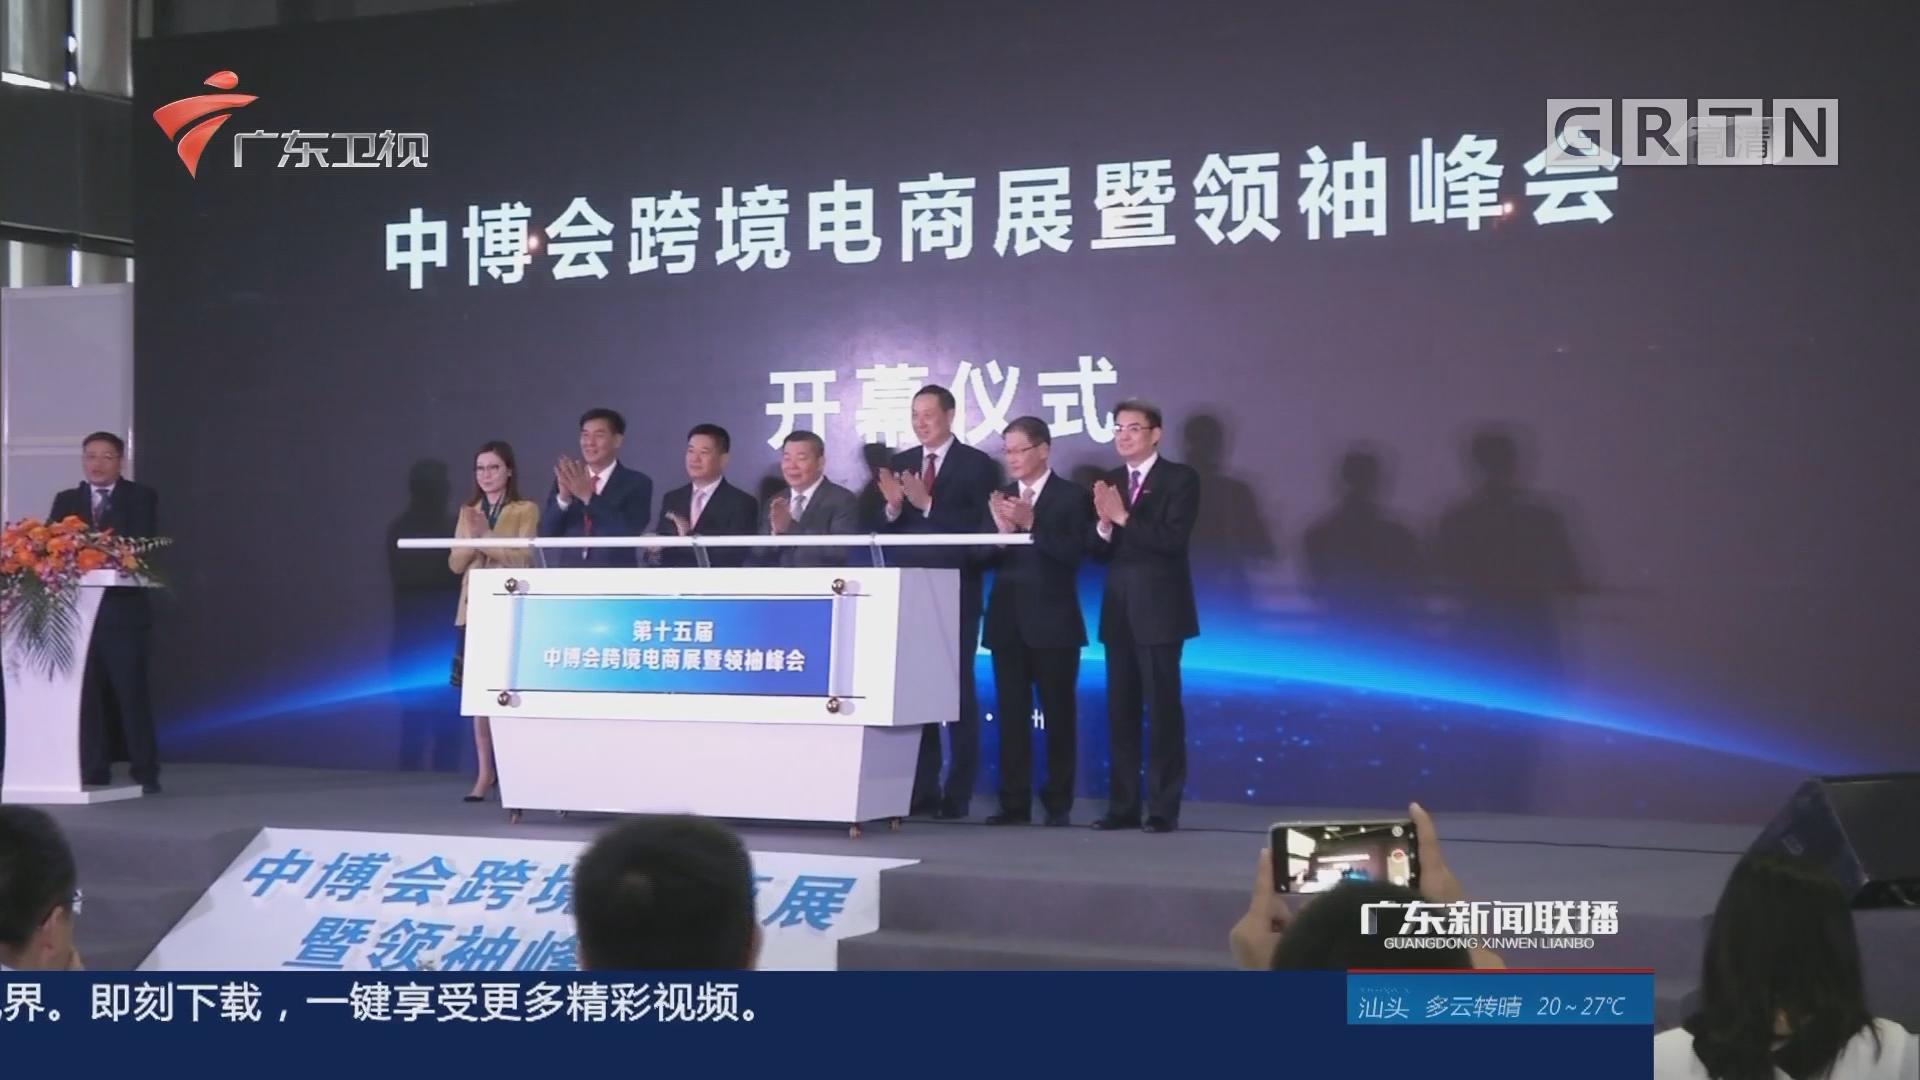 中博会:跨境电商峰会开幕 搭建电商交流平台